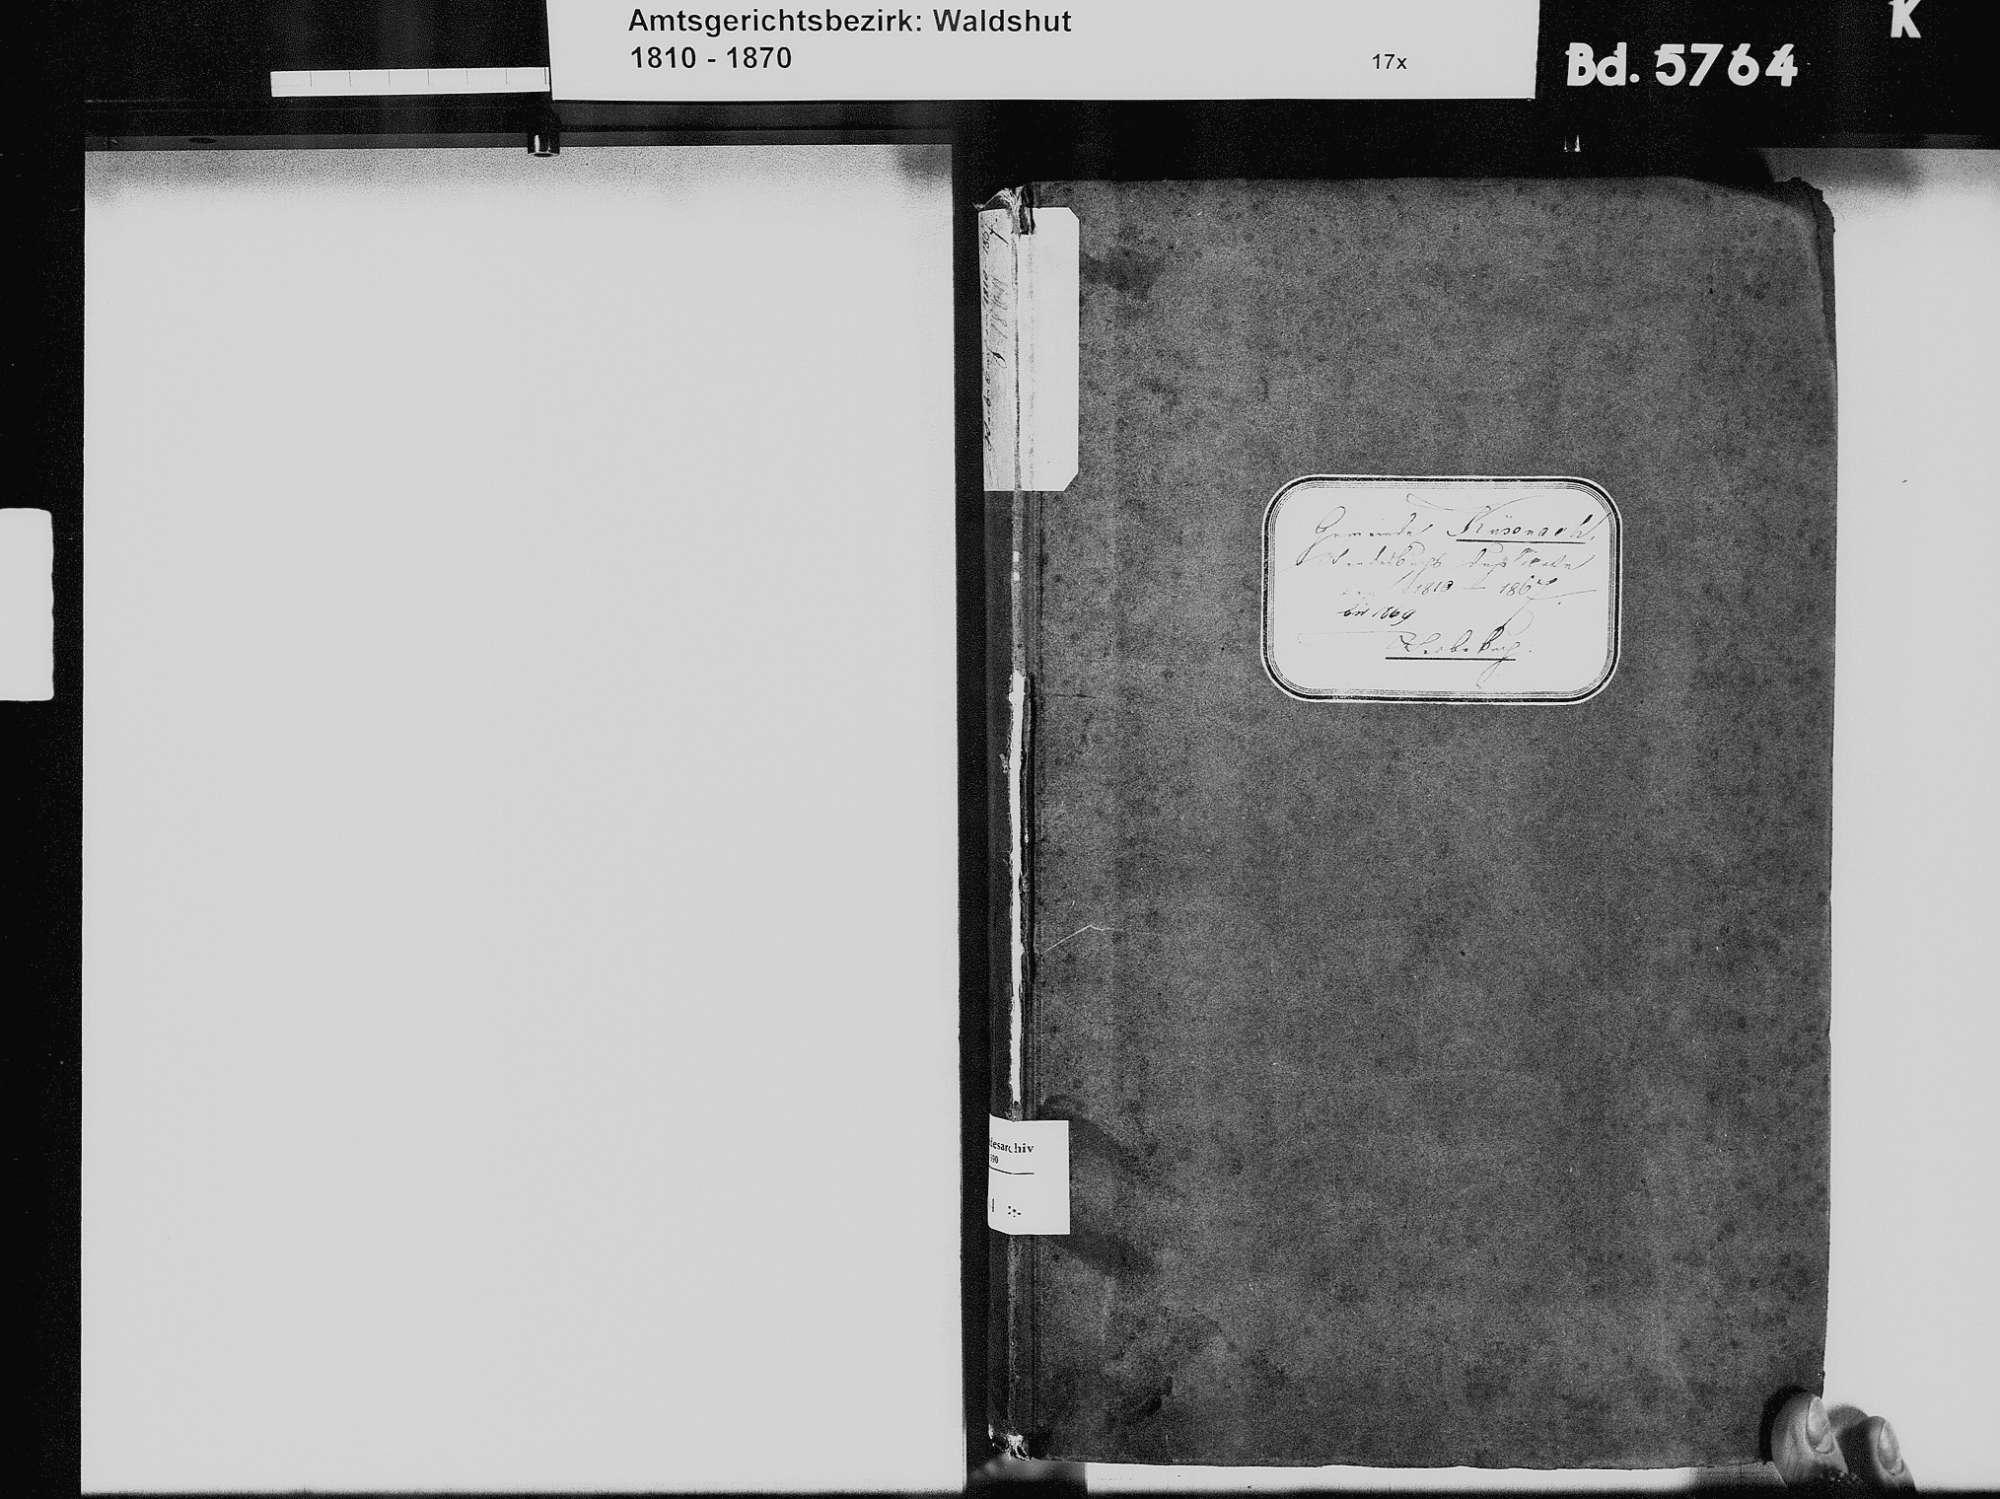 Küßnach, Küssaberg WT; Katholische Gemeinde: Heiratsbuch 1828-1837 Küßnach, Küssaberg WT; Katholische Gemeinde: Sterbebuch 1810-1869, Bild 3